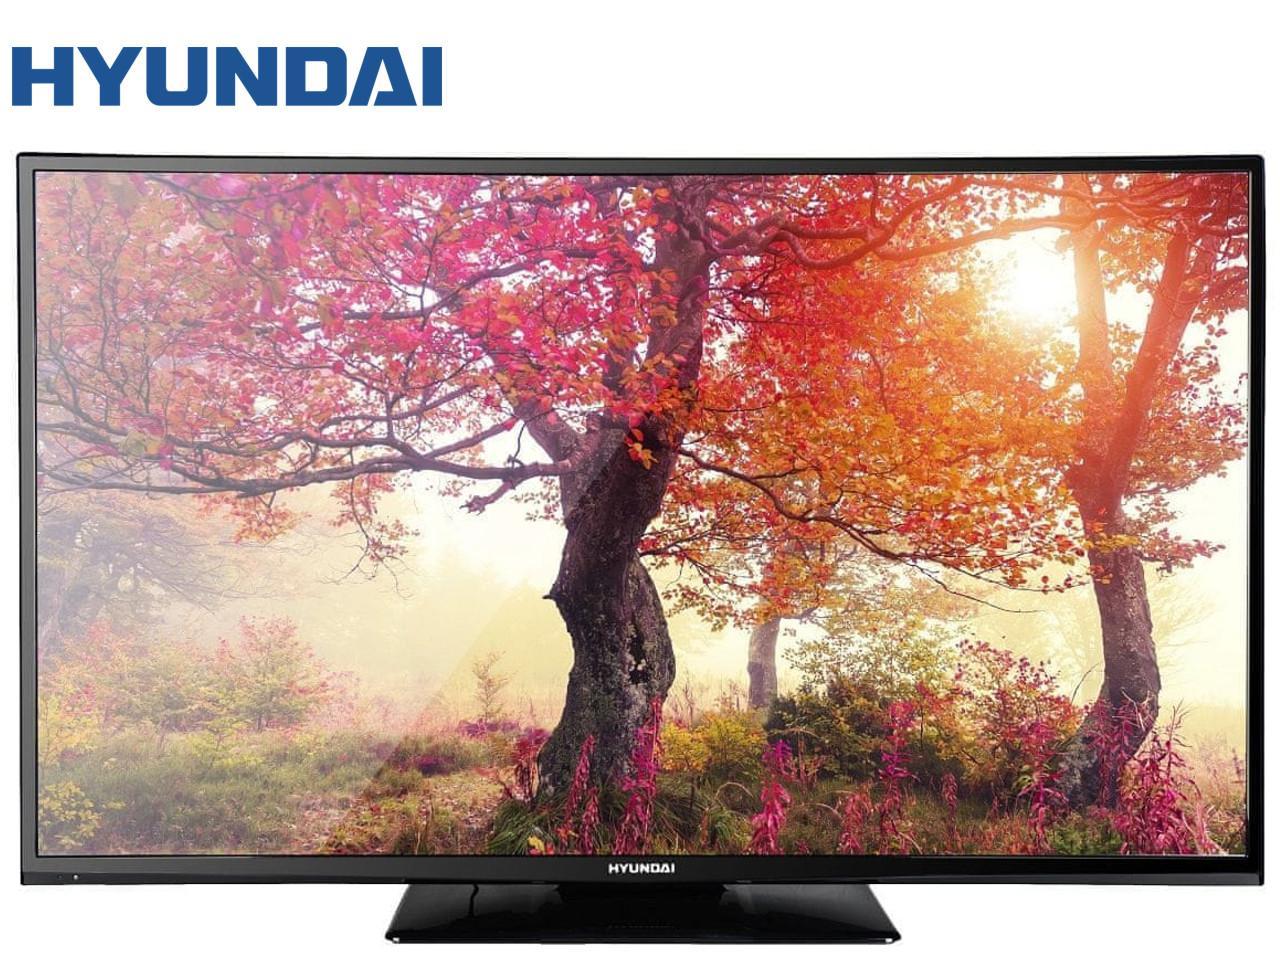 HYUNDAI FLP 40T111 + 200 Kč na dárky nebo další nákup | CHAT on-line podpora PO-PÁ 8-22.00!!